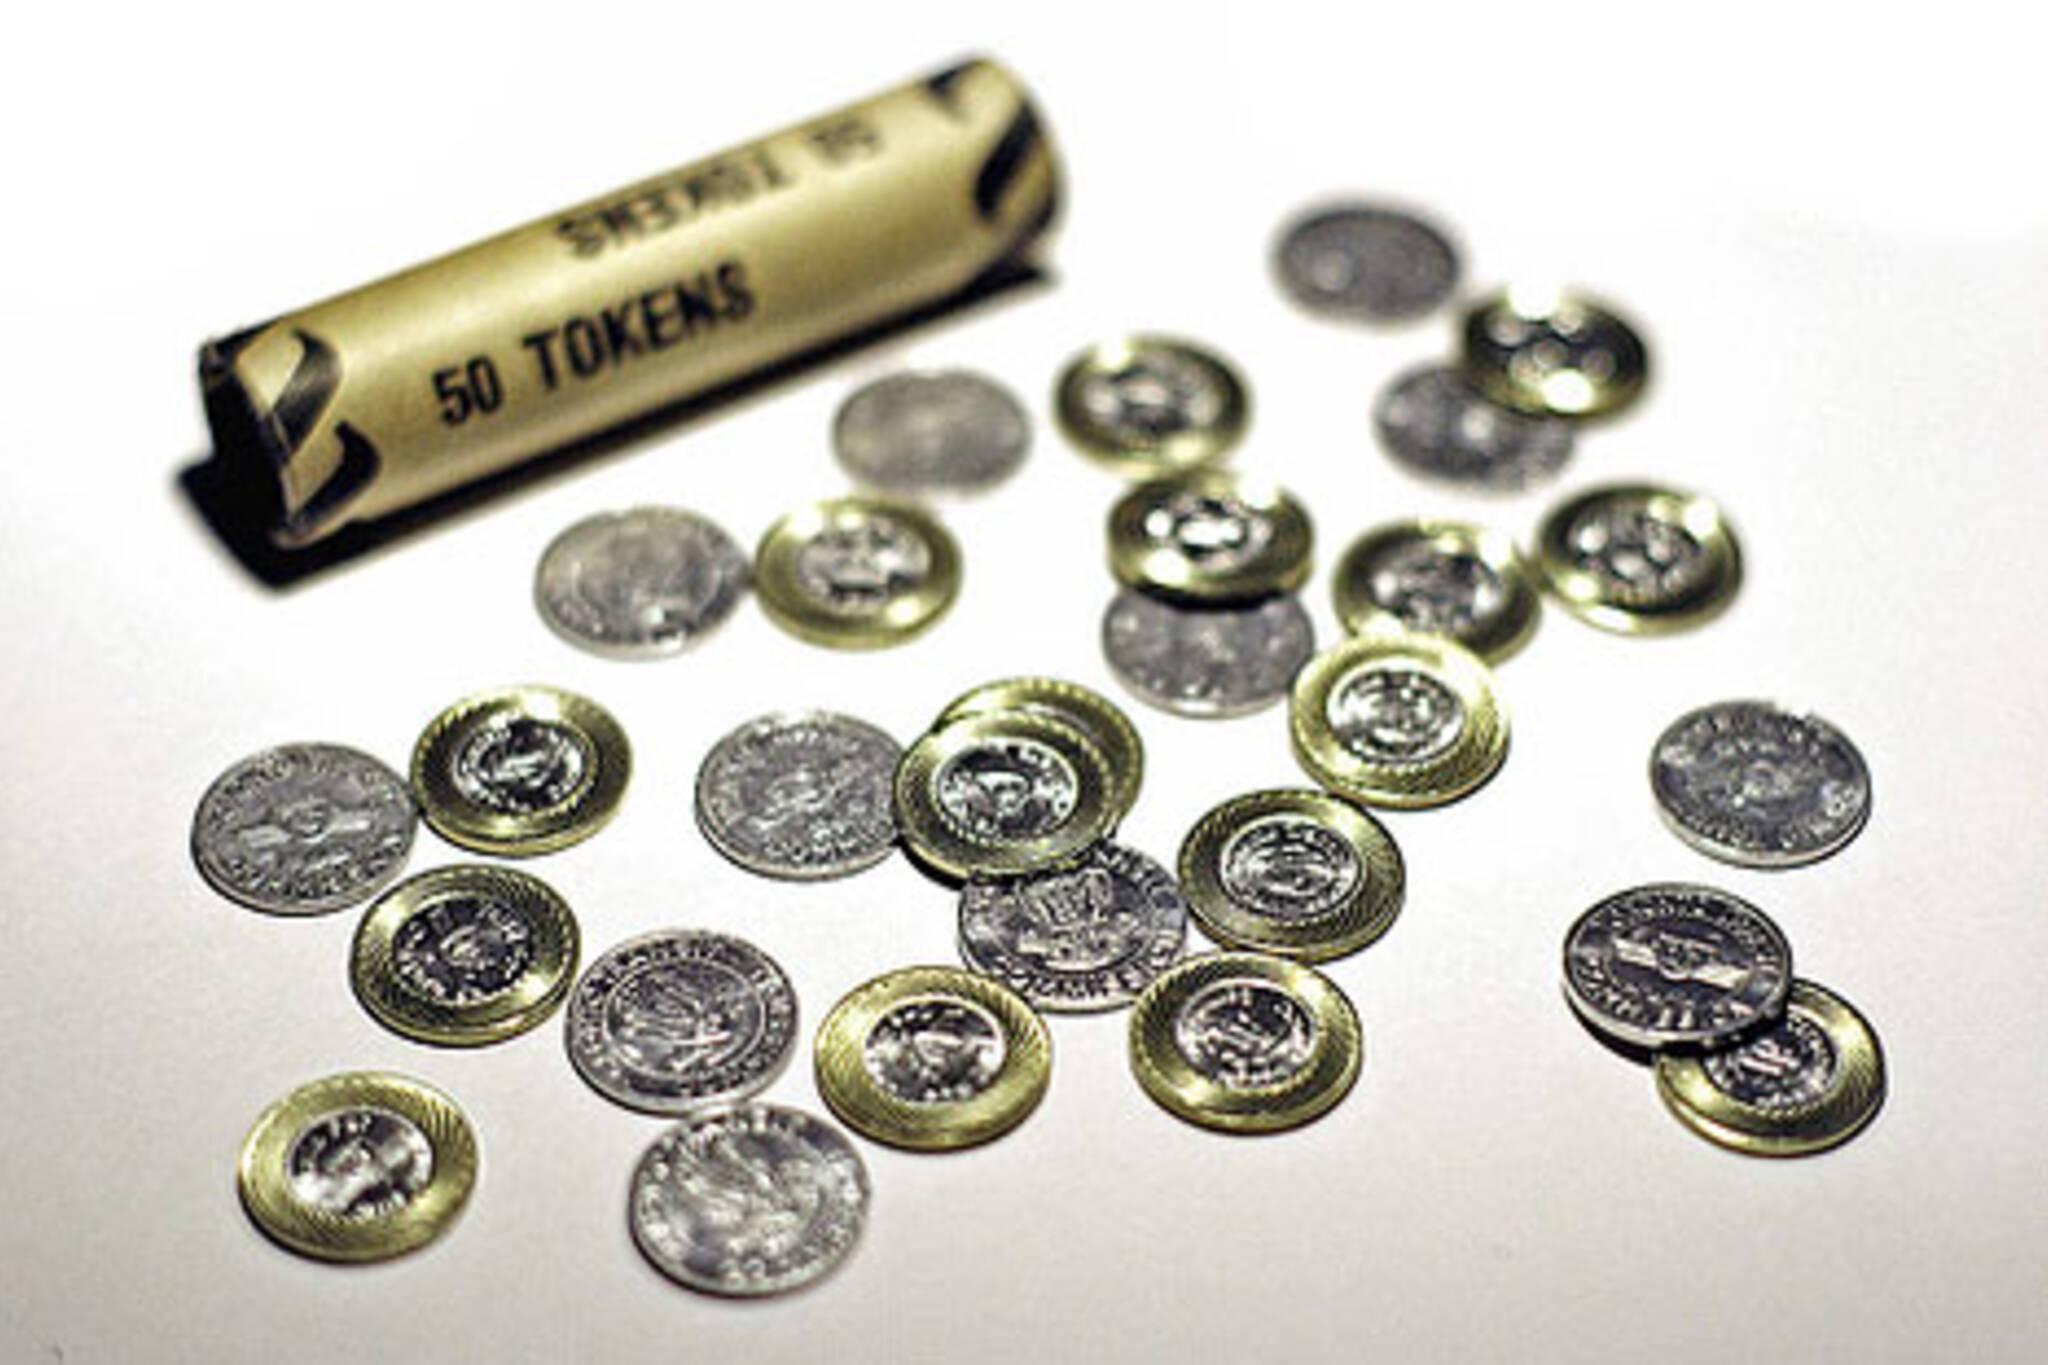 20070116_tokens.jpg